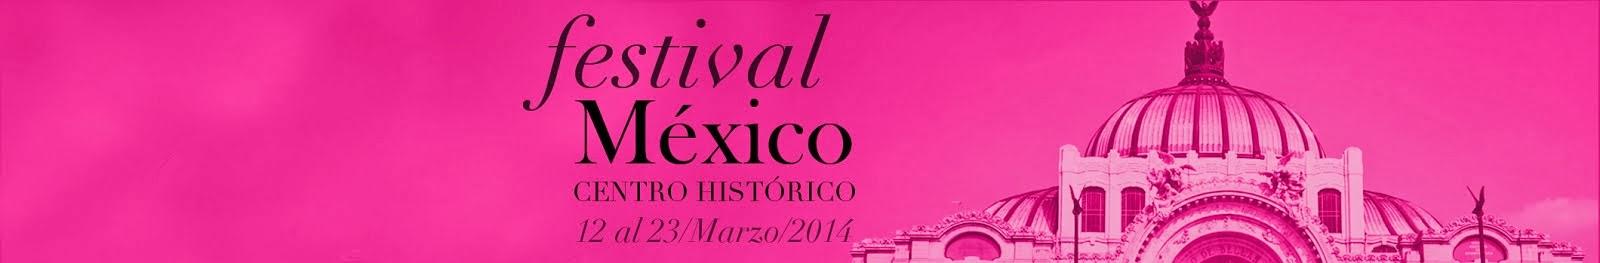 Festival Centro Histórico México